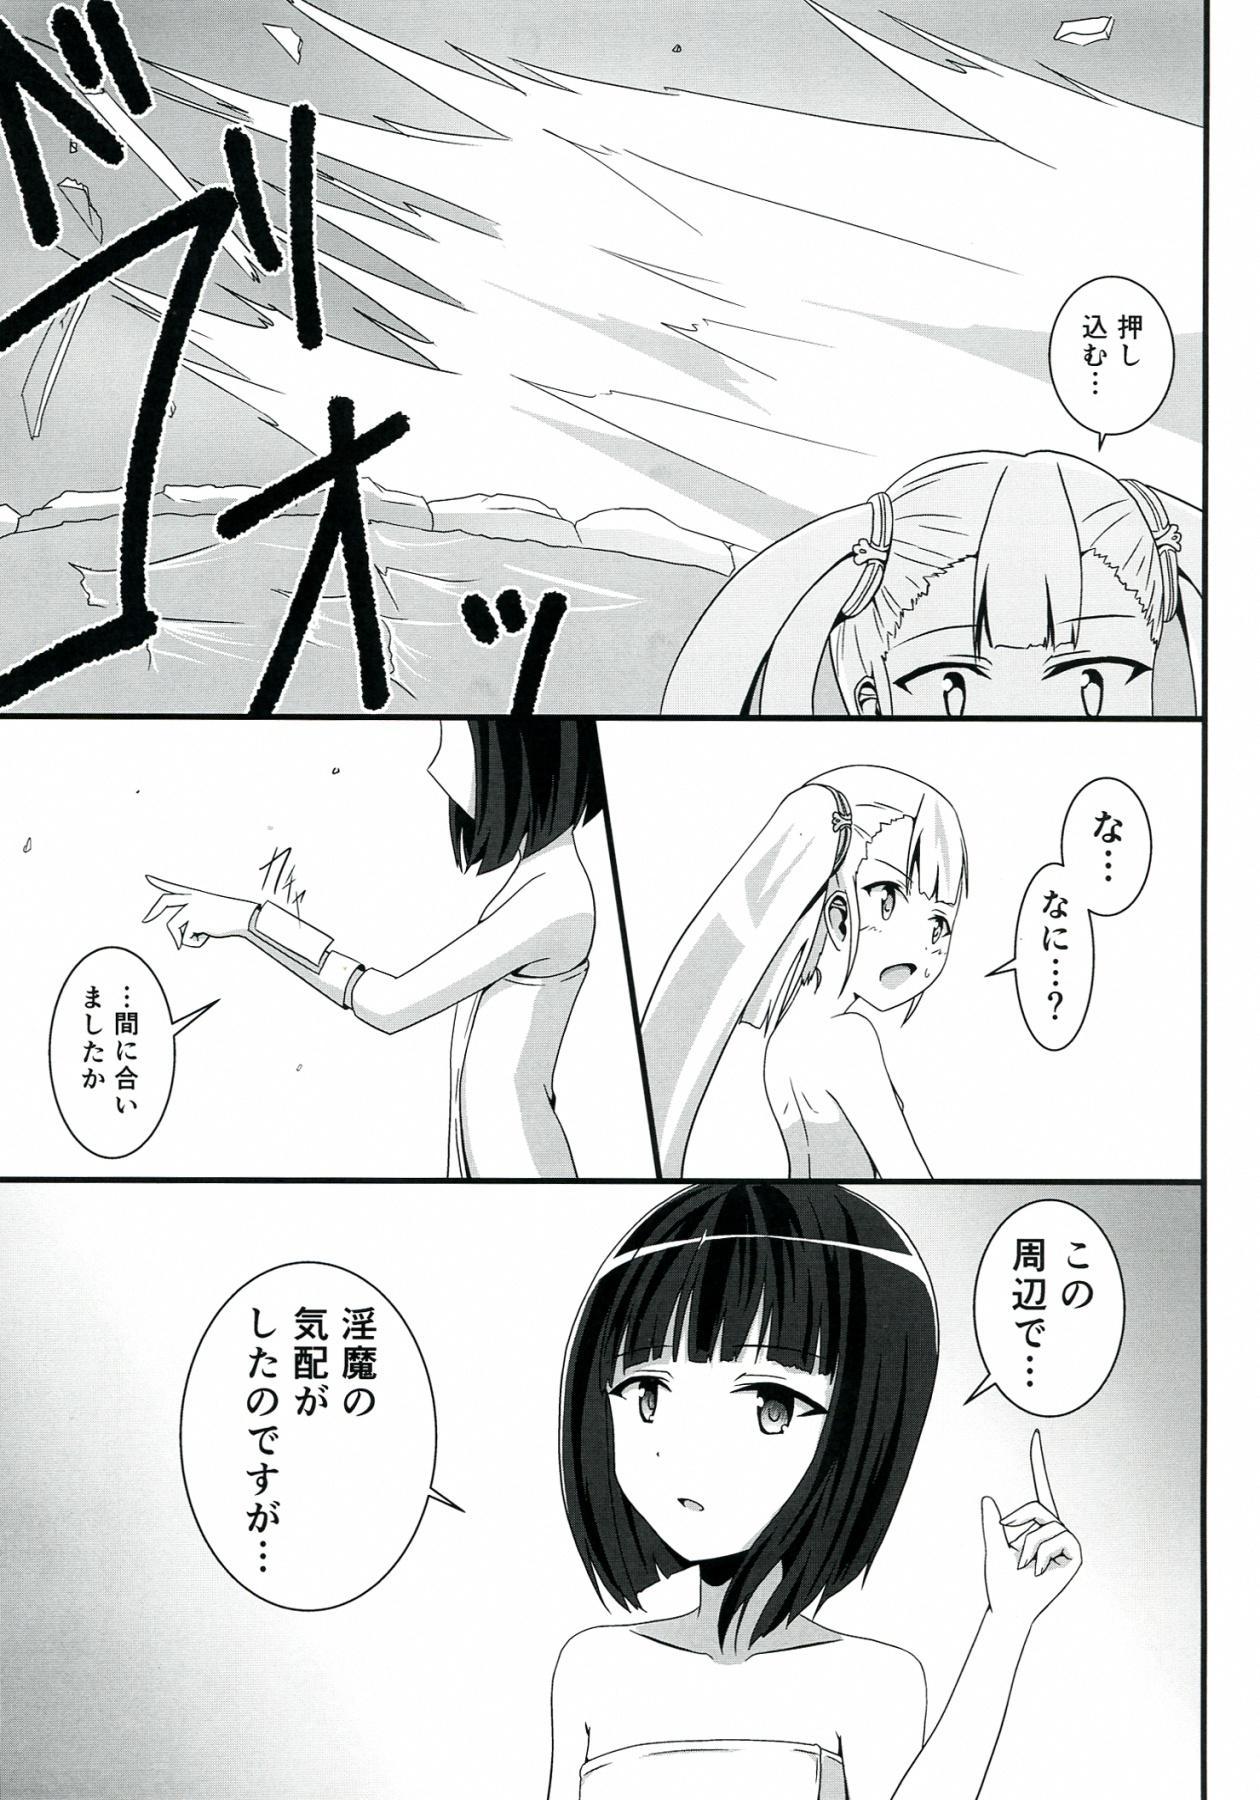 SASAMI-san LINK! 17